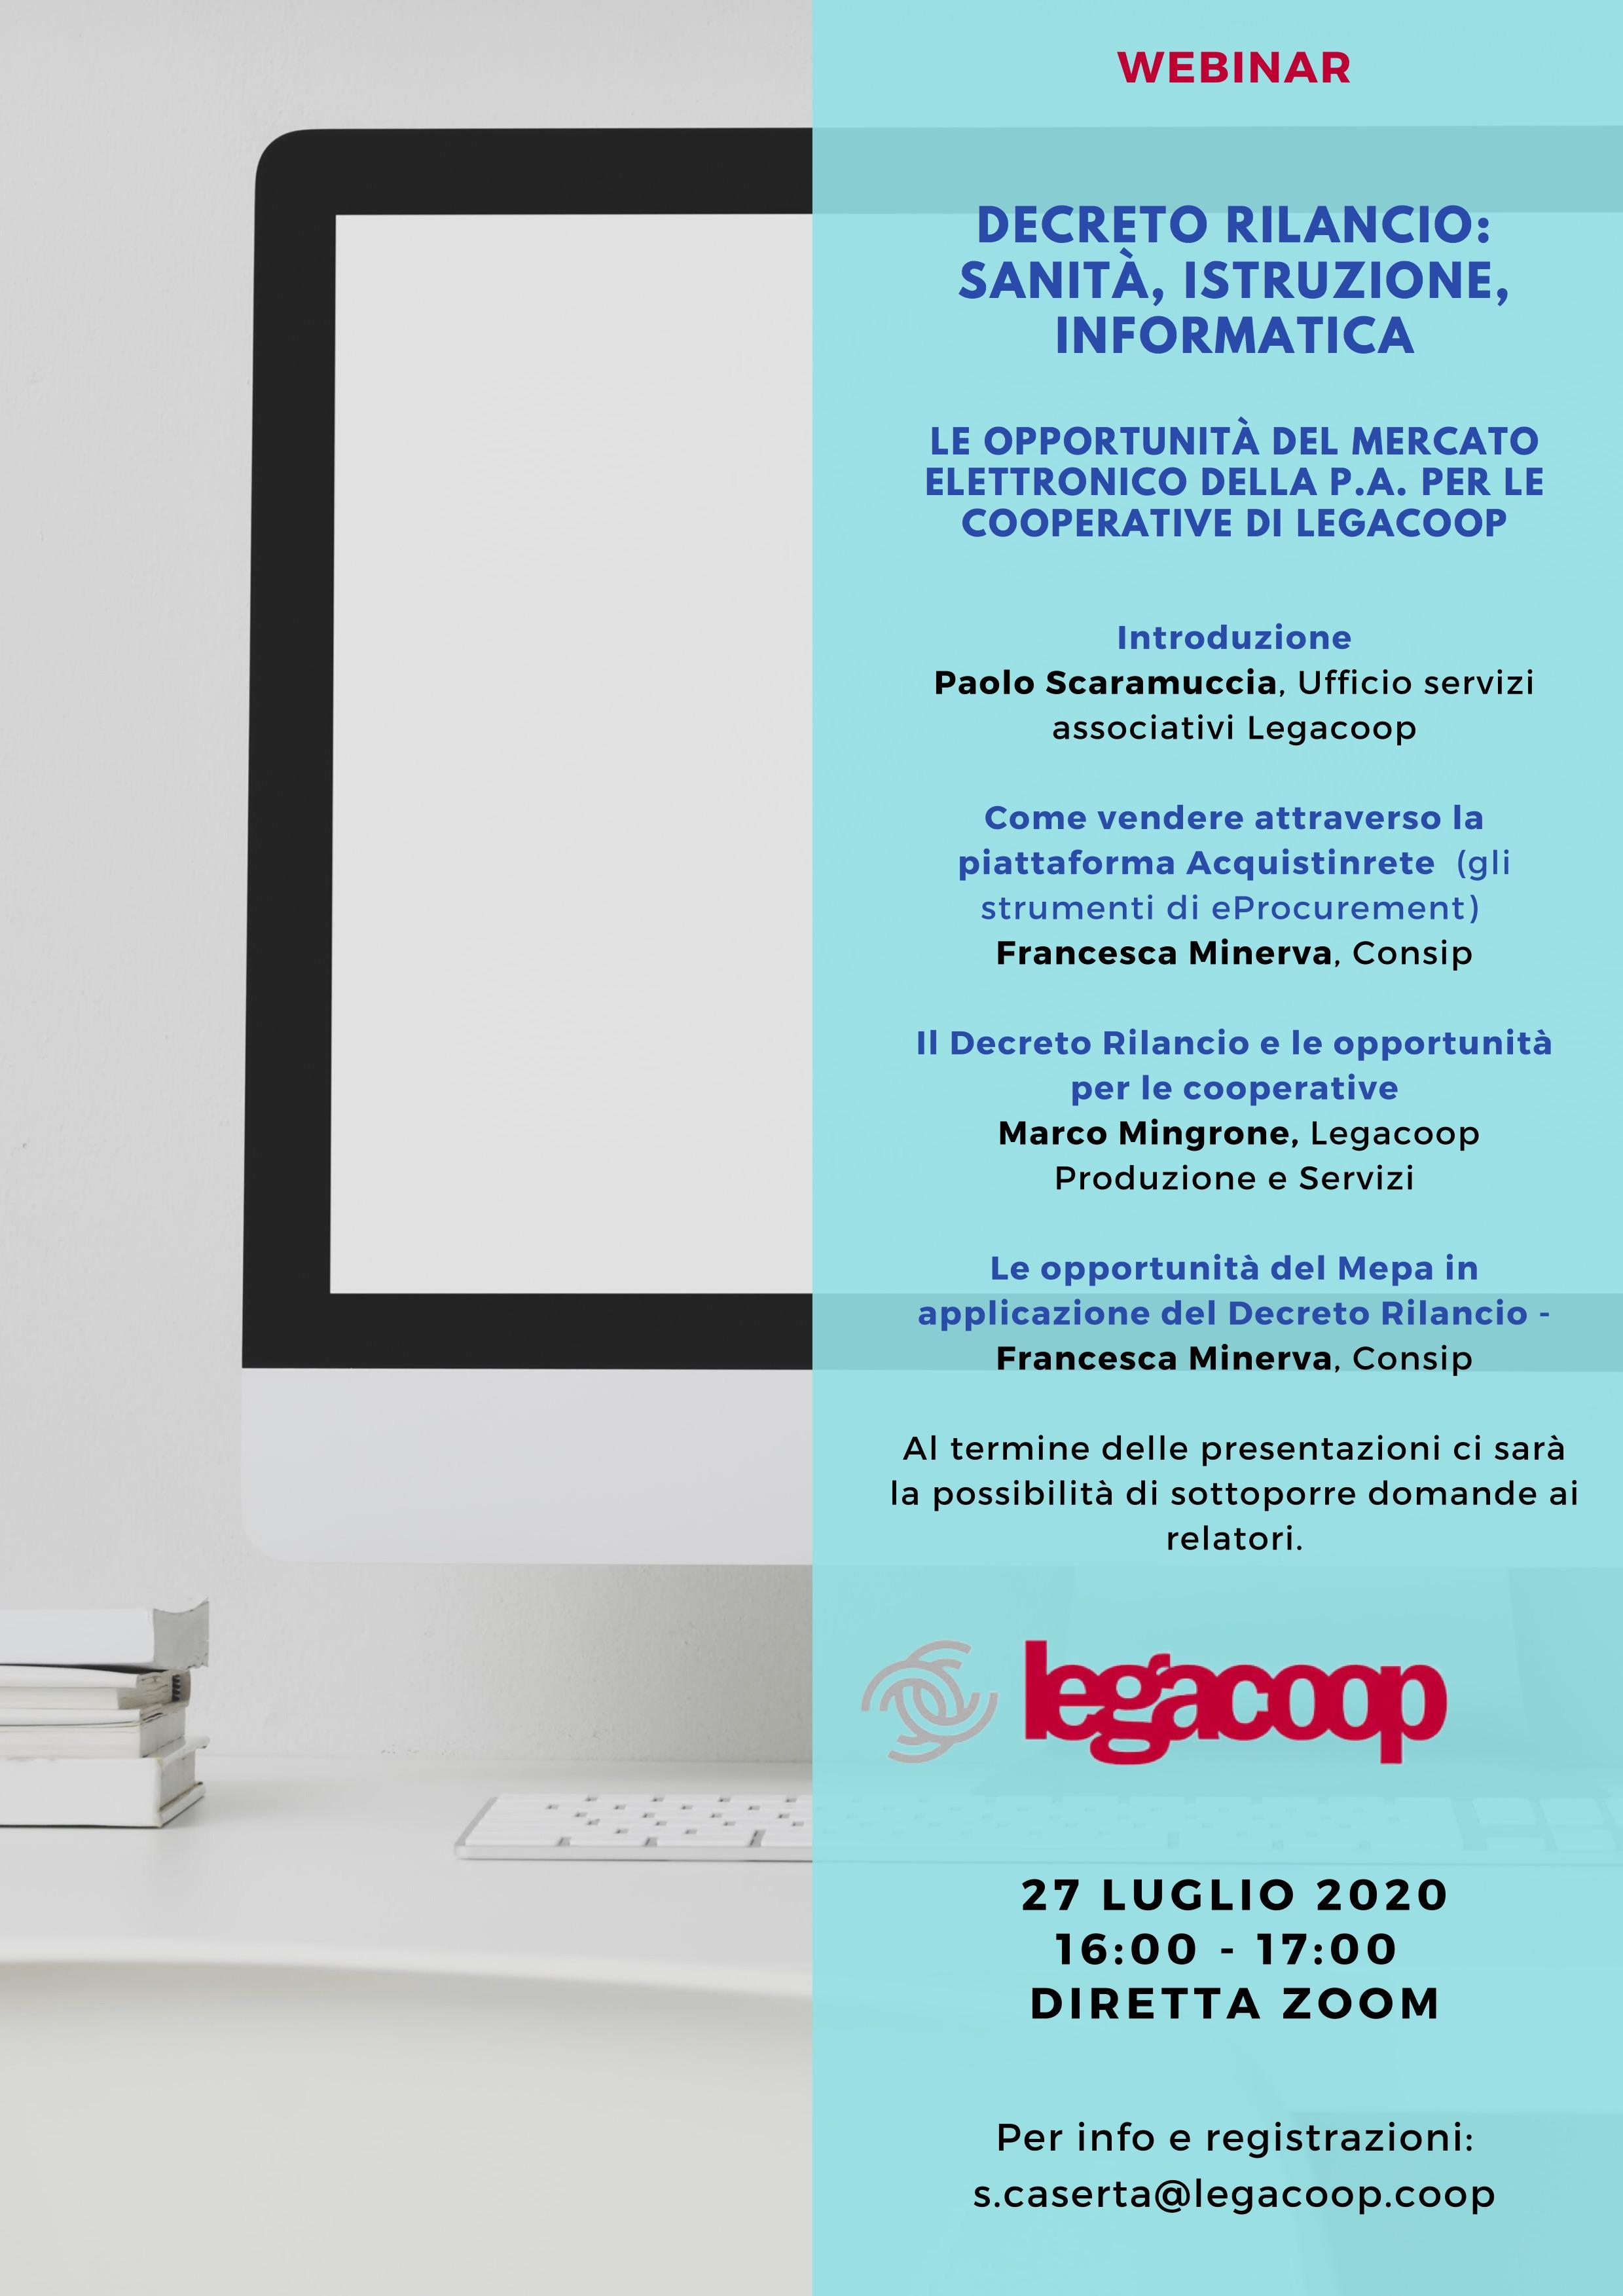 Le opportunità del Mercato Elettronico della P.A. per le cooperative: il 27 luglio un webinar promosso da Legacoop